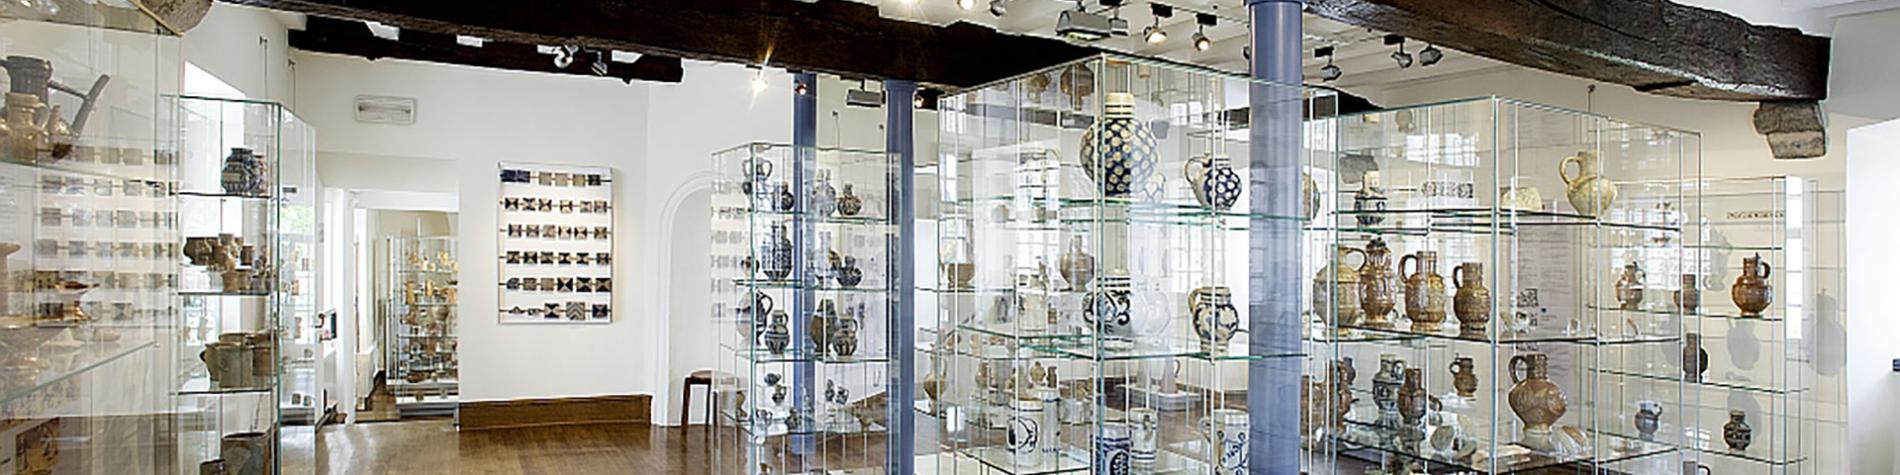 Château de Raeren - musée - poterie